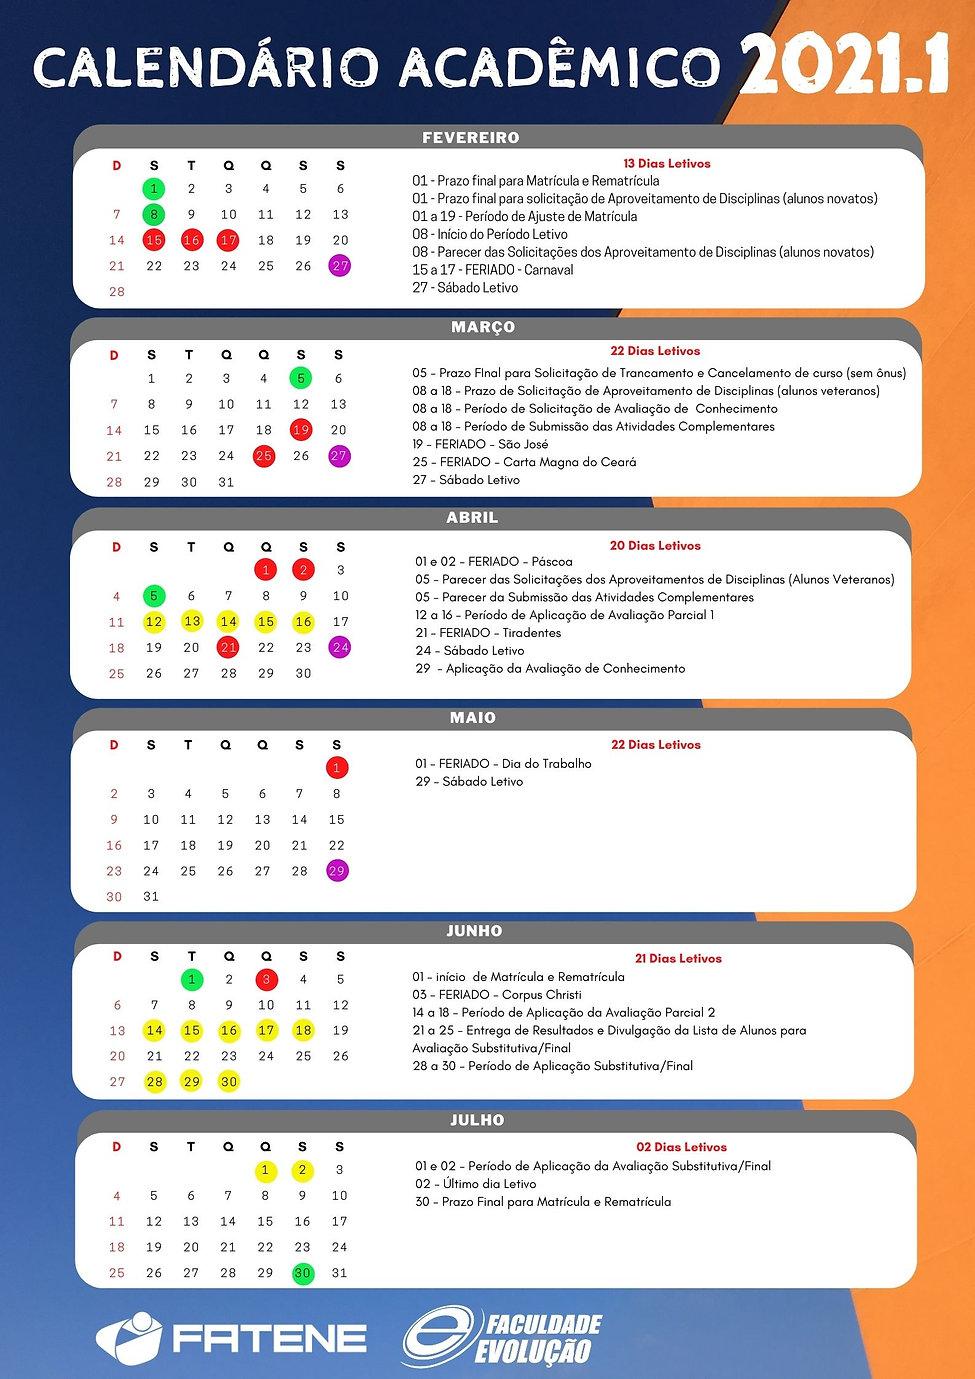 CALENDÁRIO ACADEMICO 2021.1 (2).jpg